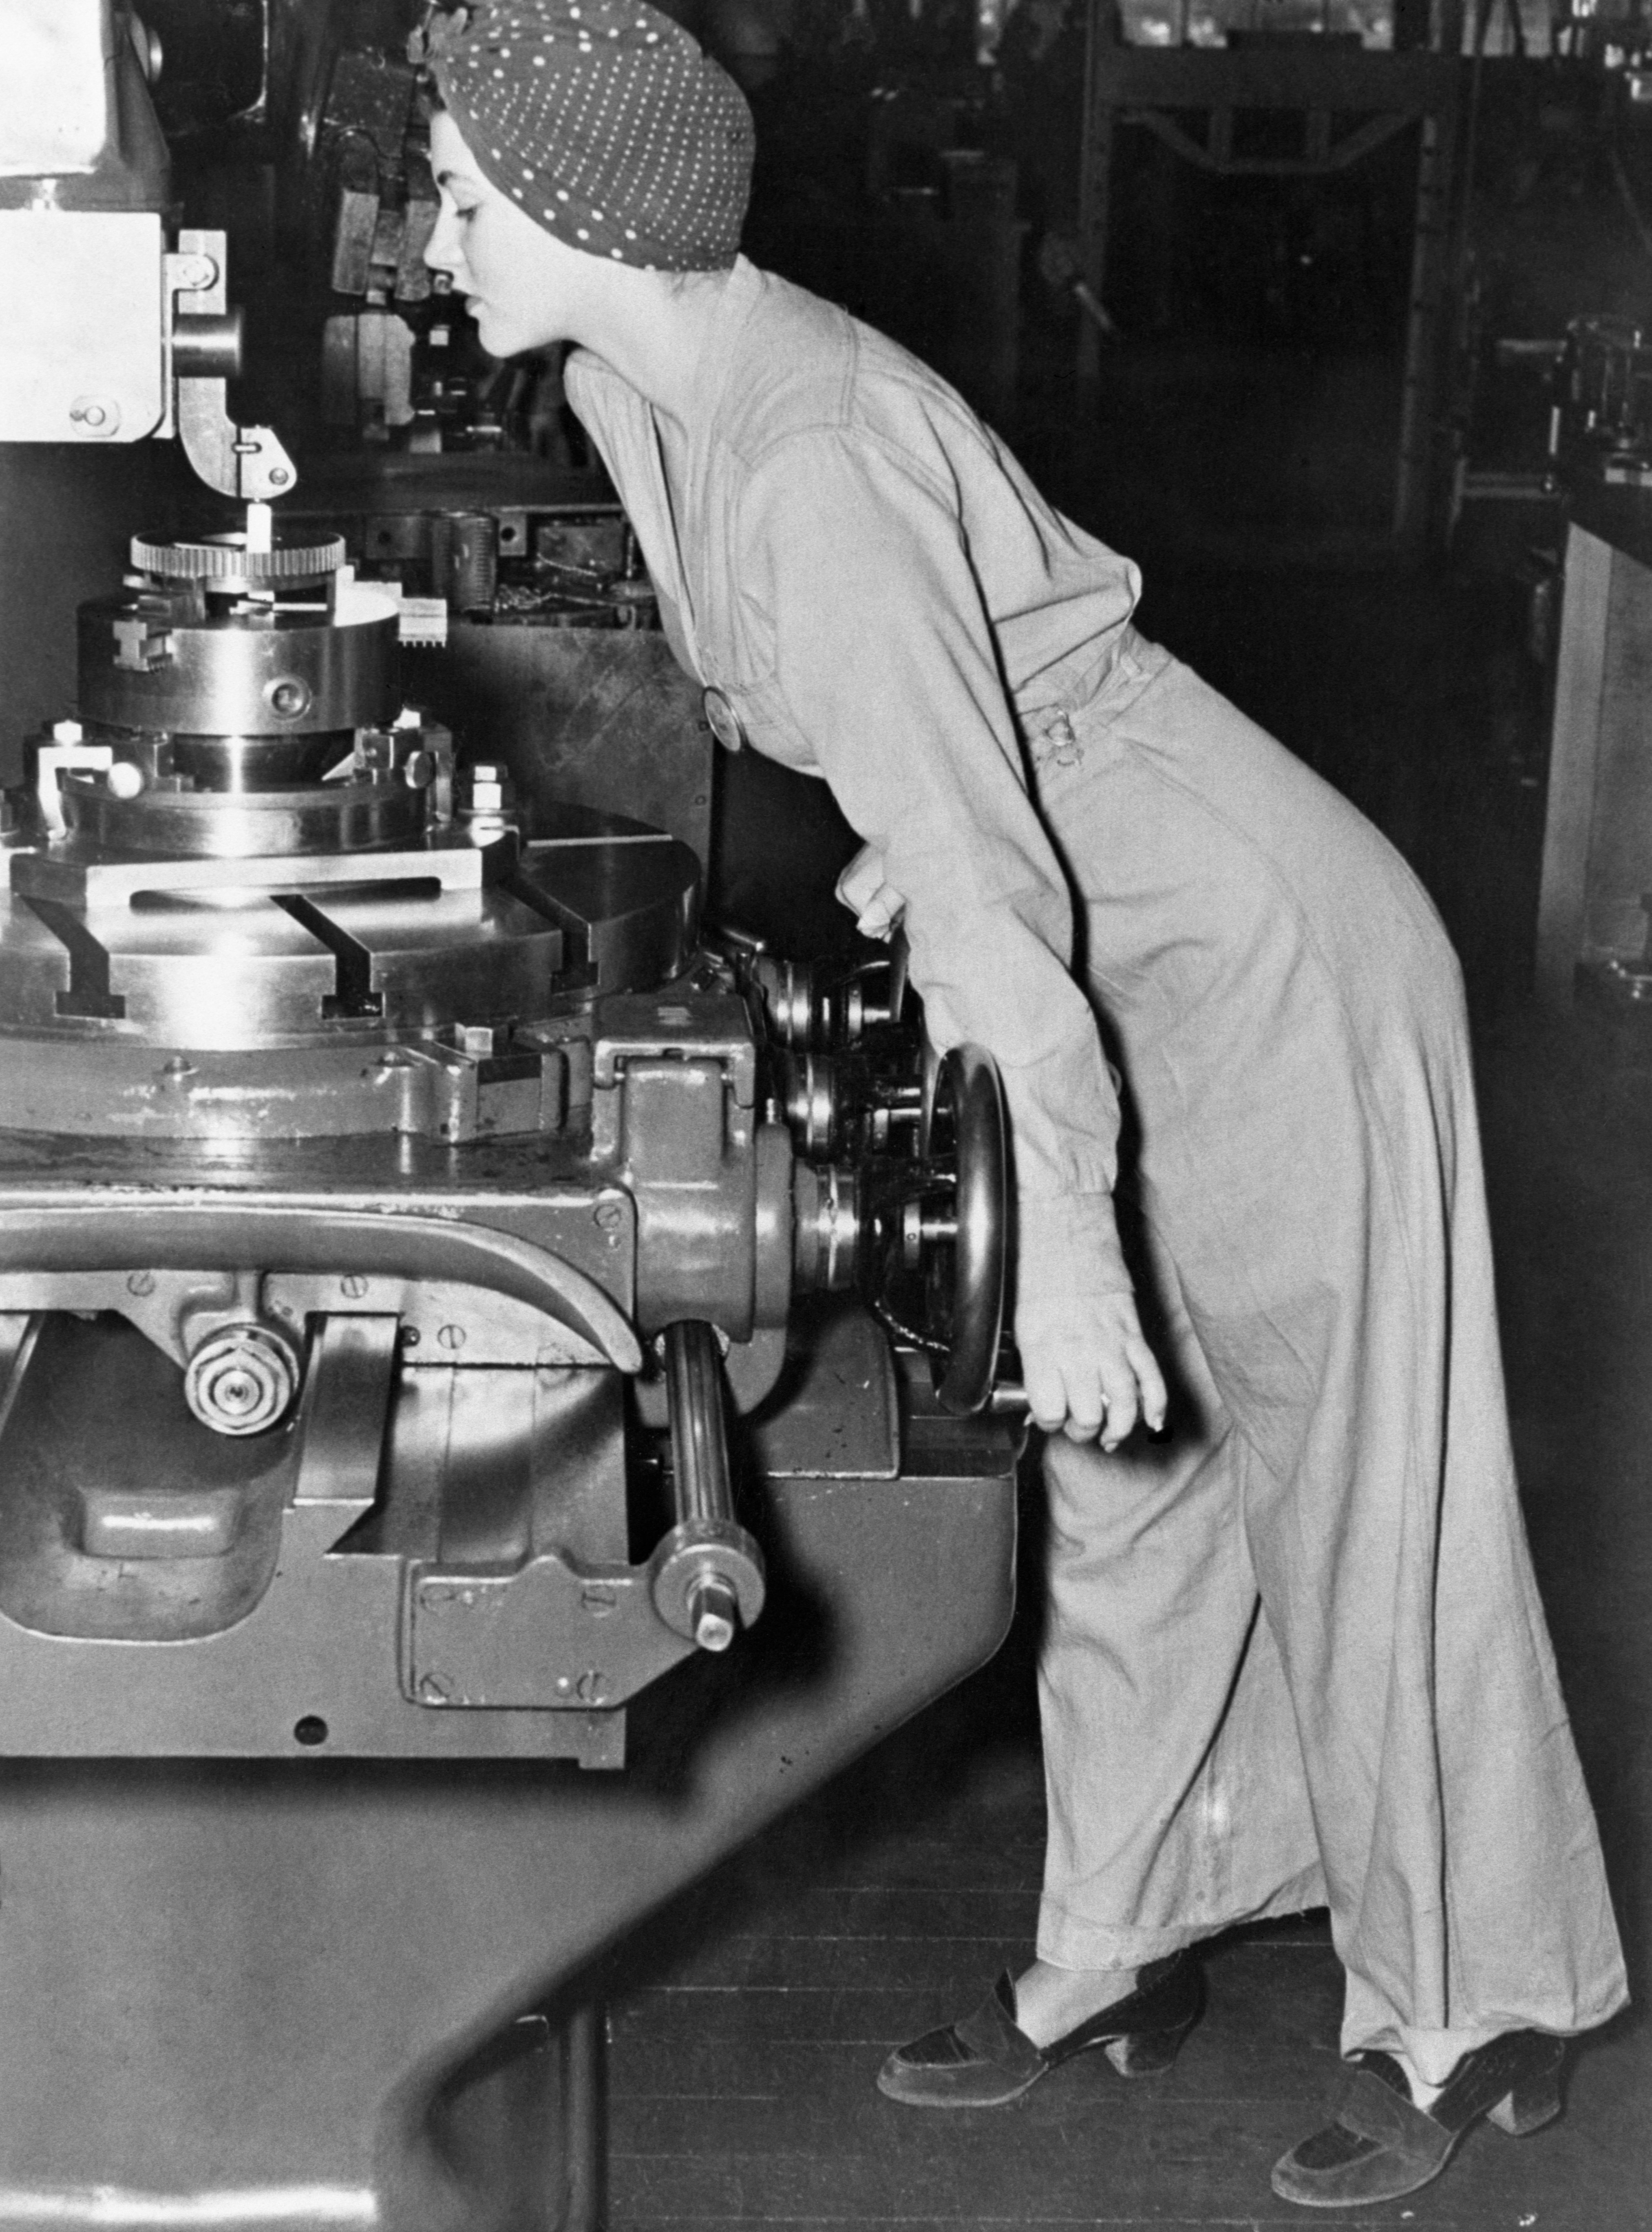 佛雷在1942年的照片,據傳是海報「我們做得到」的參考原型。(Getty Images)